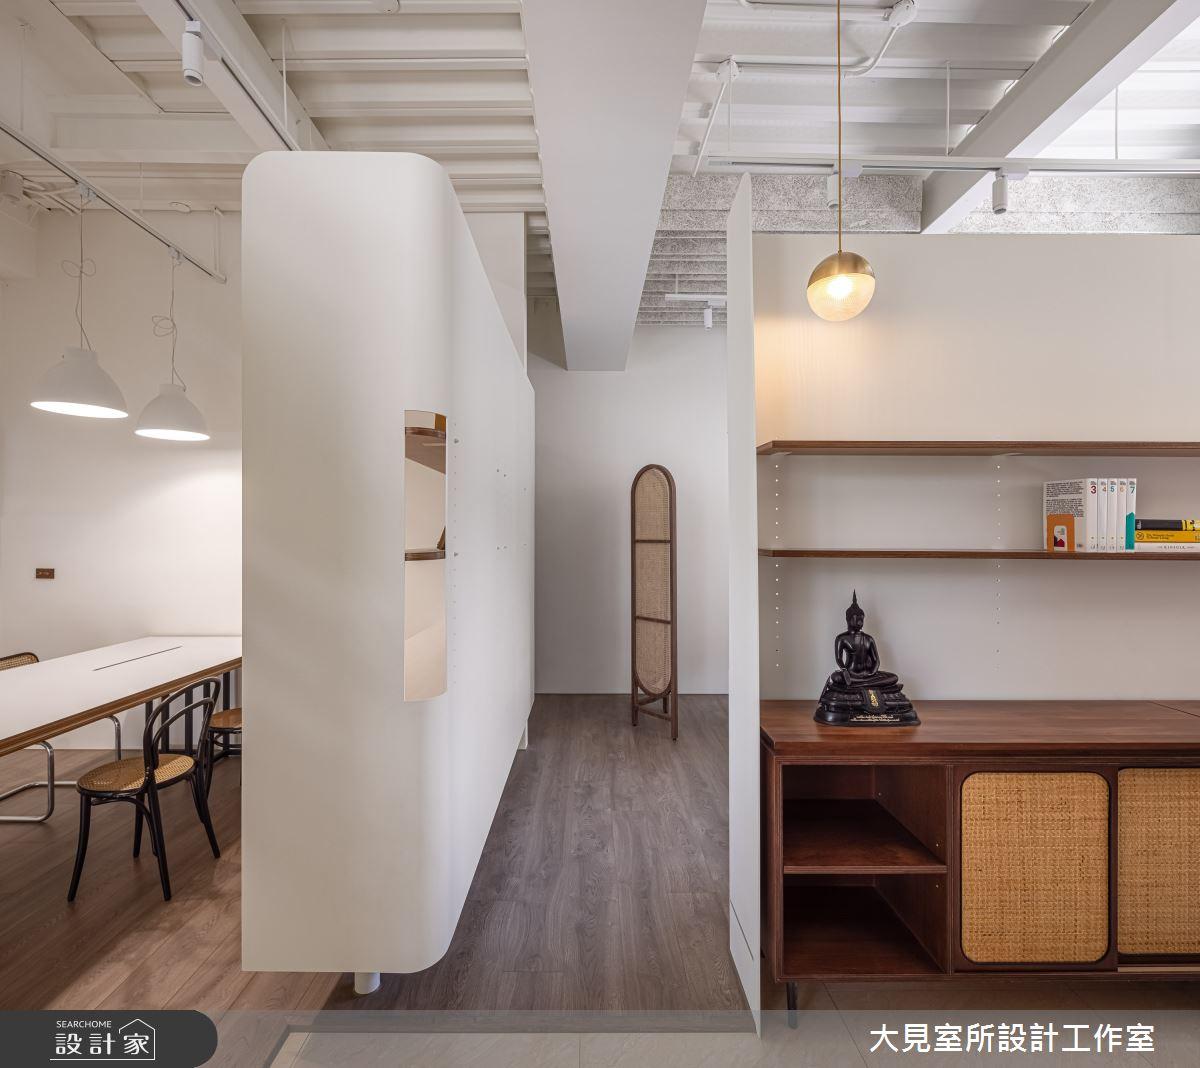 35坪新成屋(5年以下)_現代風商業空間案例圖片_大見室所設計工作室_大見室所_19之6